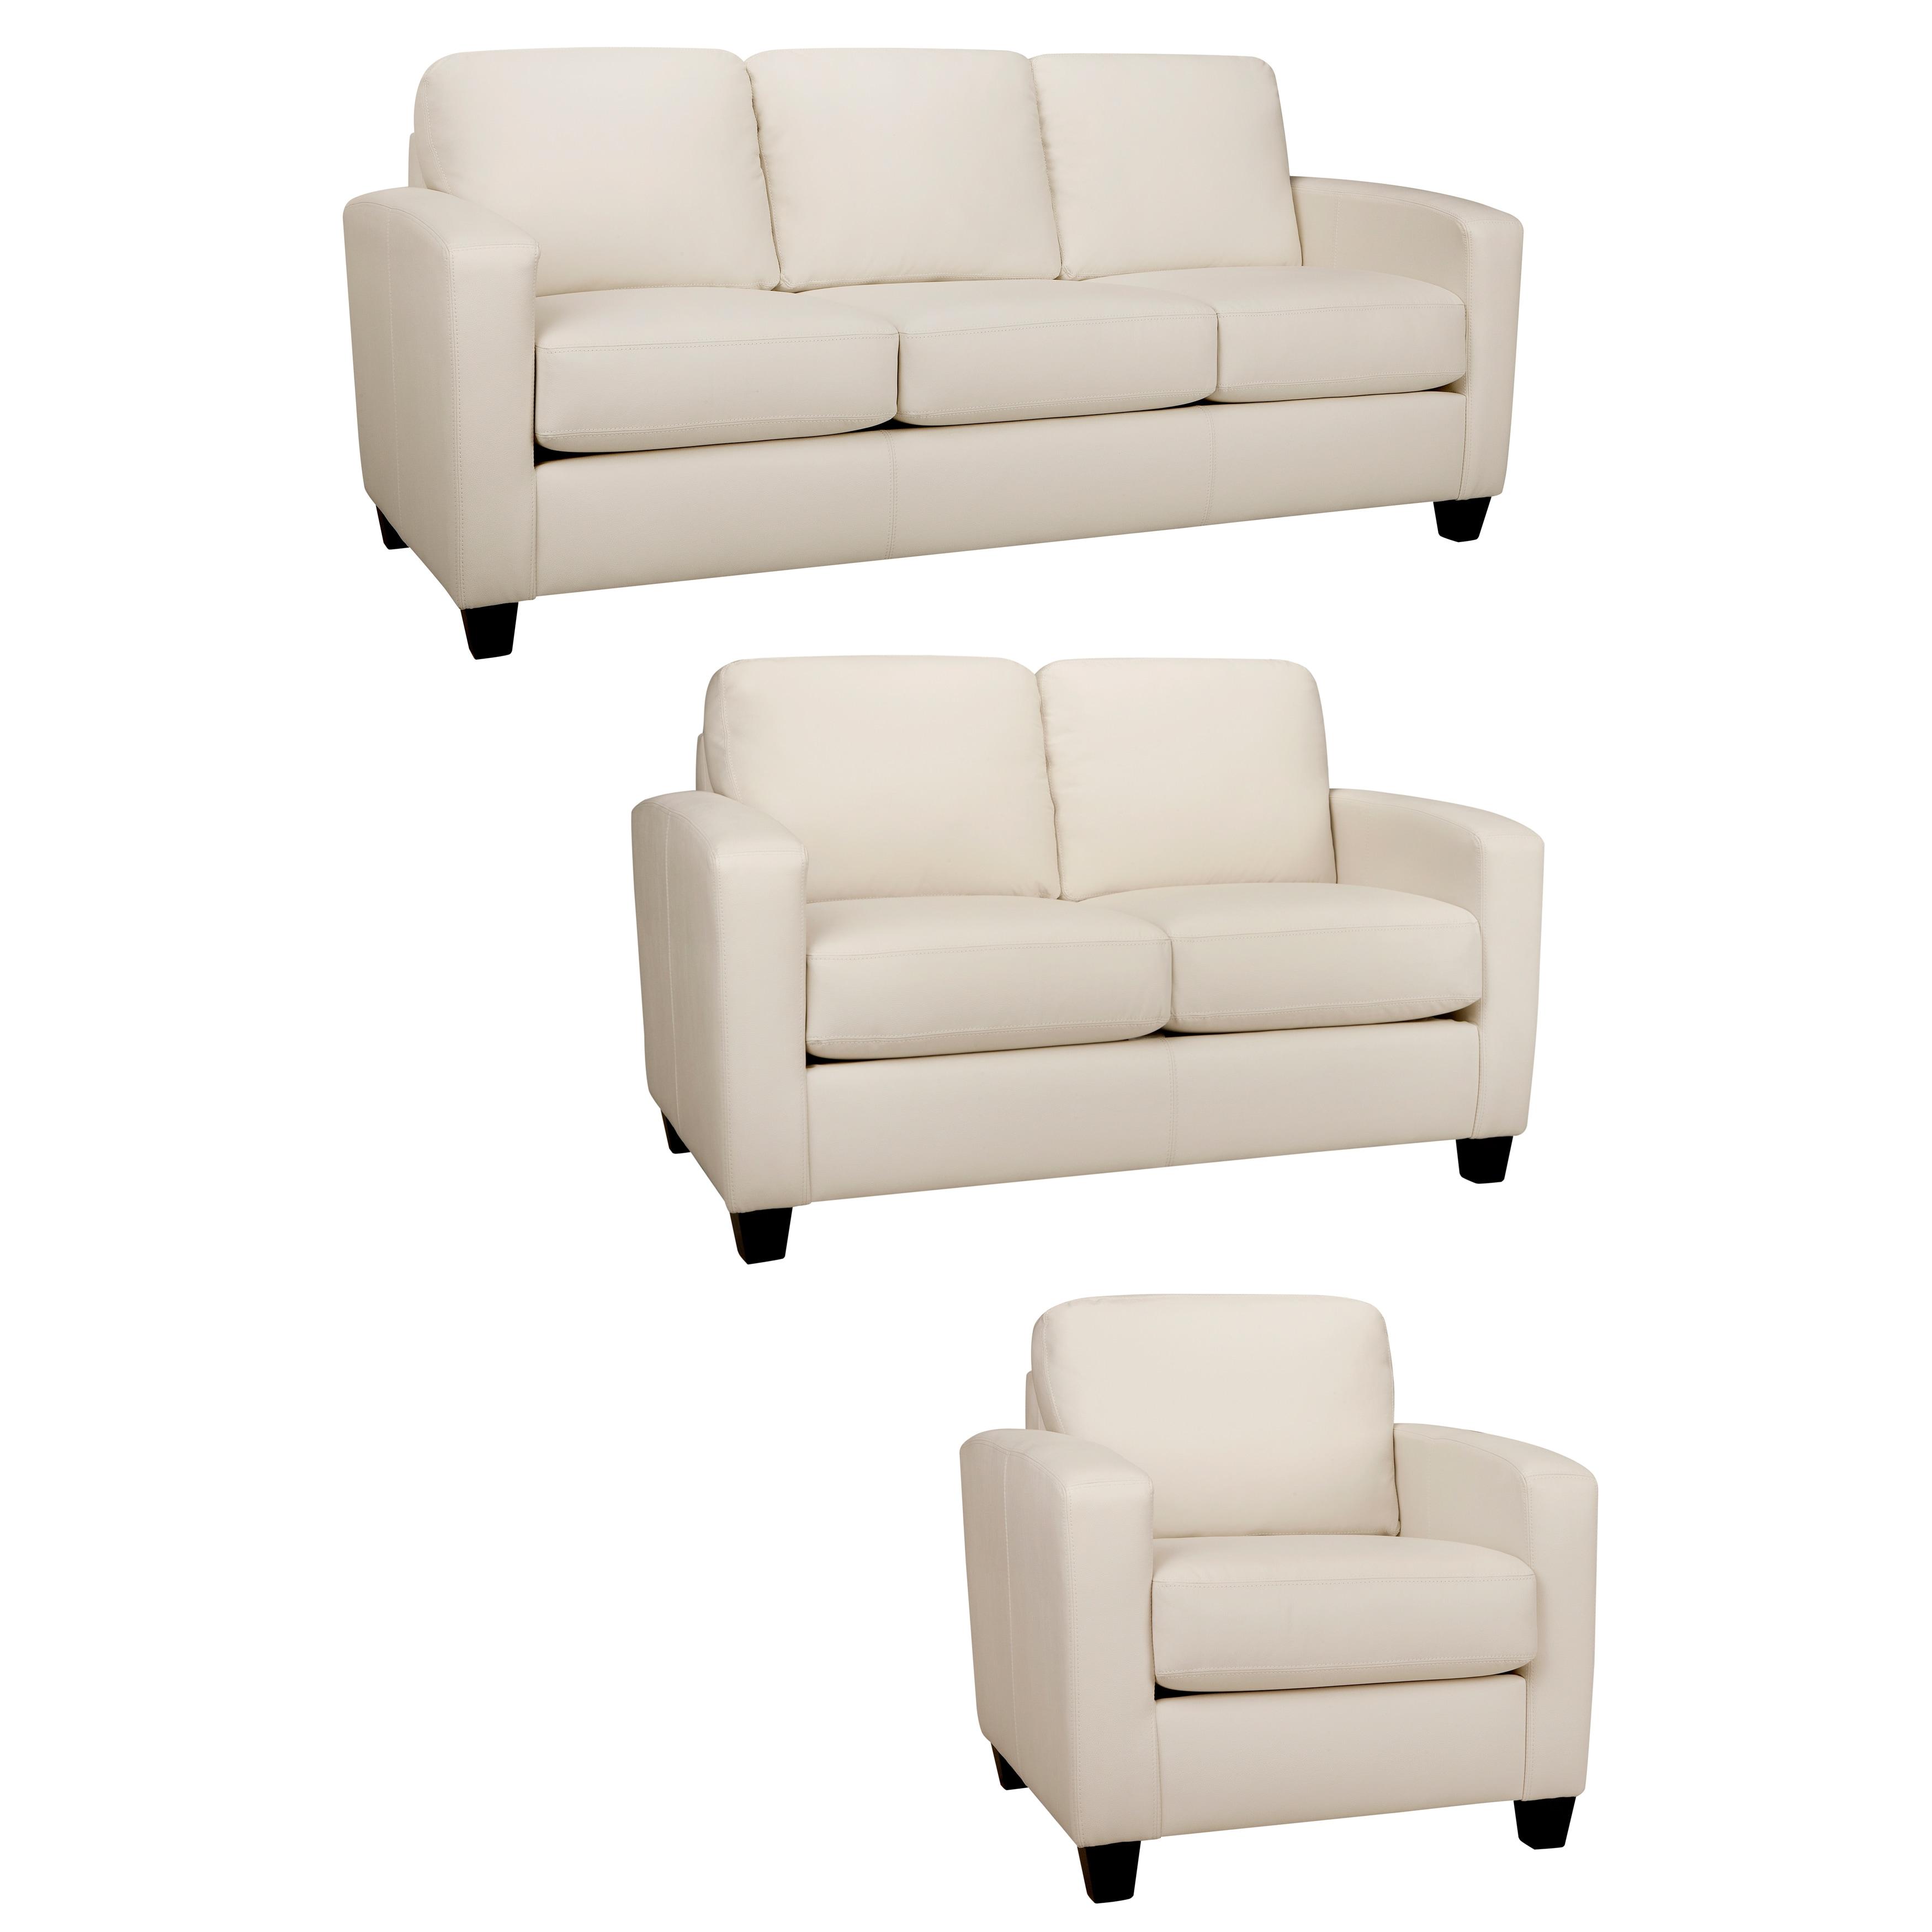 White leather sofa Sofas